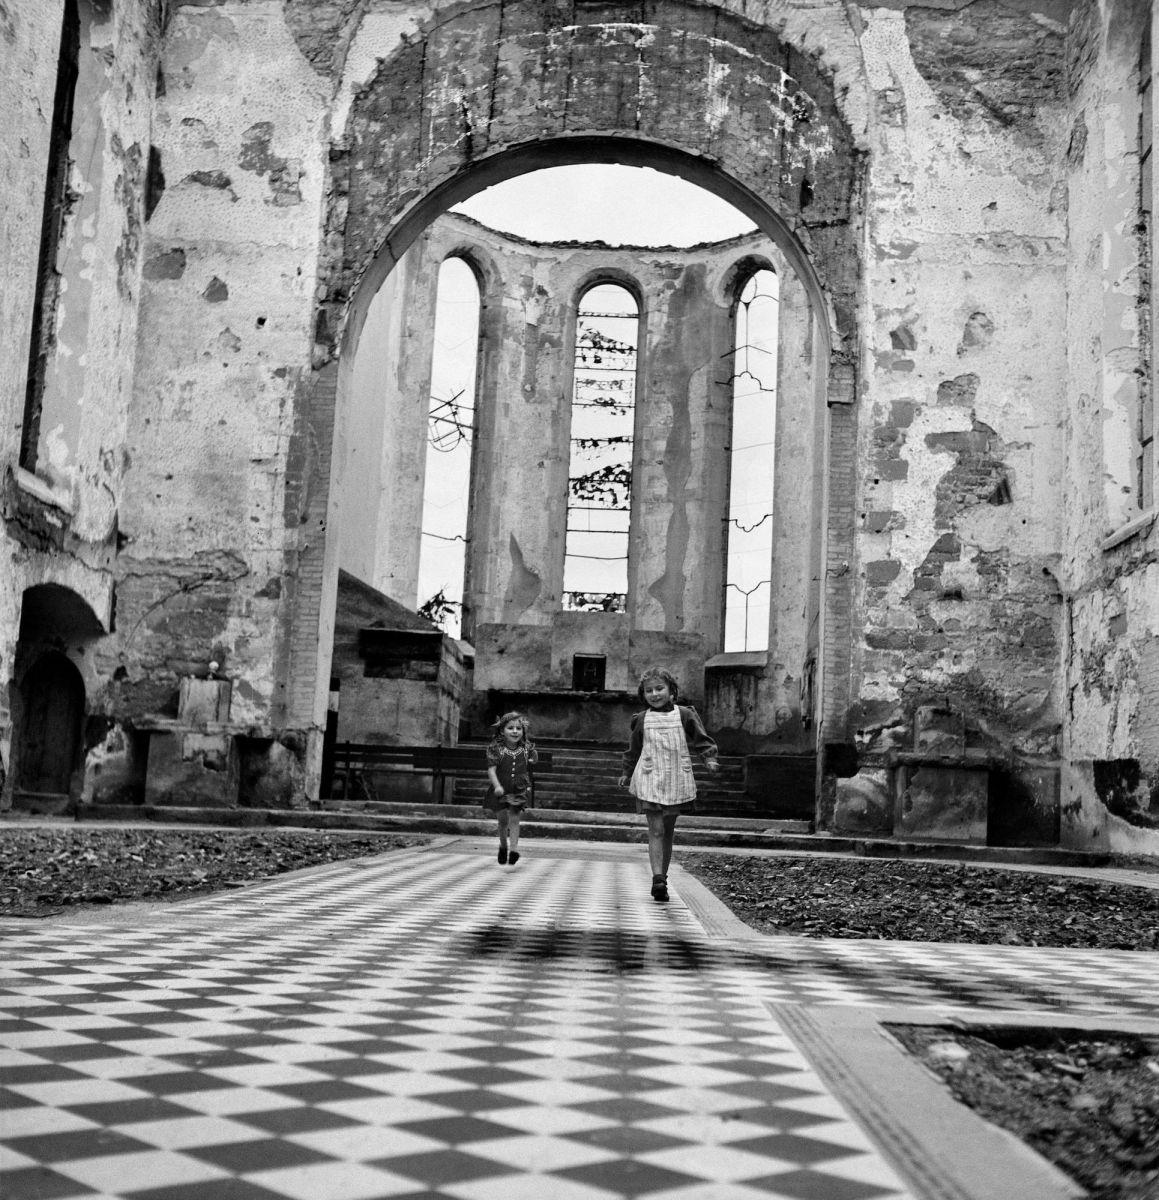 Werner Bischof: Kinder spielen 1945 in einer zerstörten Kirche in Friedrichshafen, Deutschland.